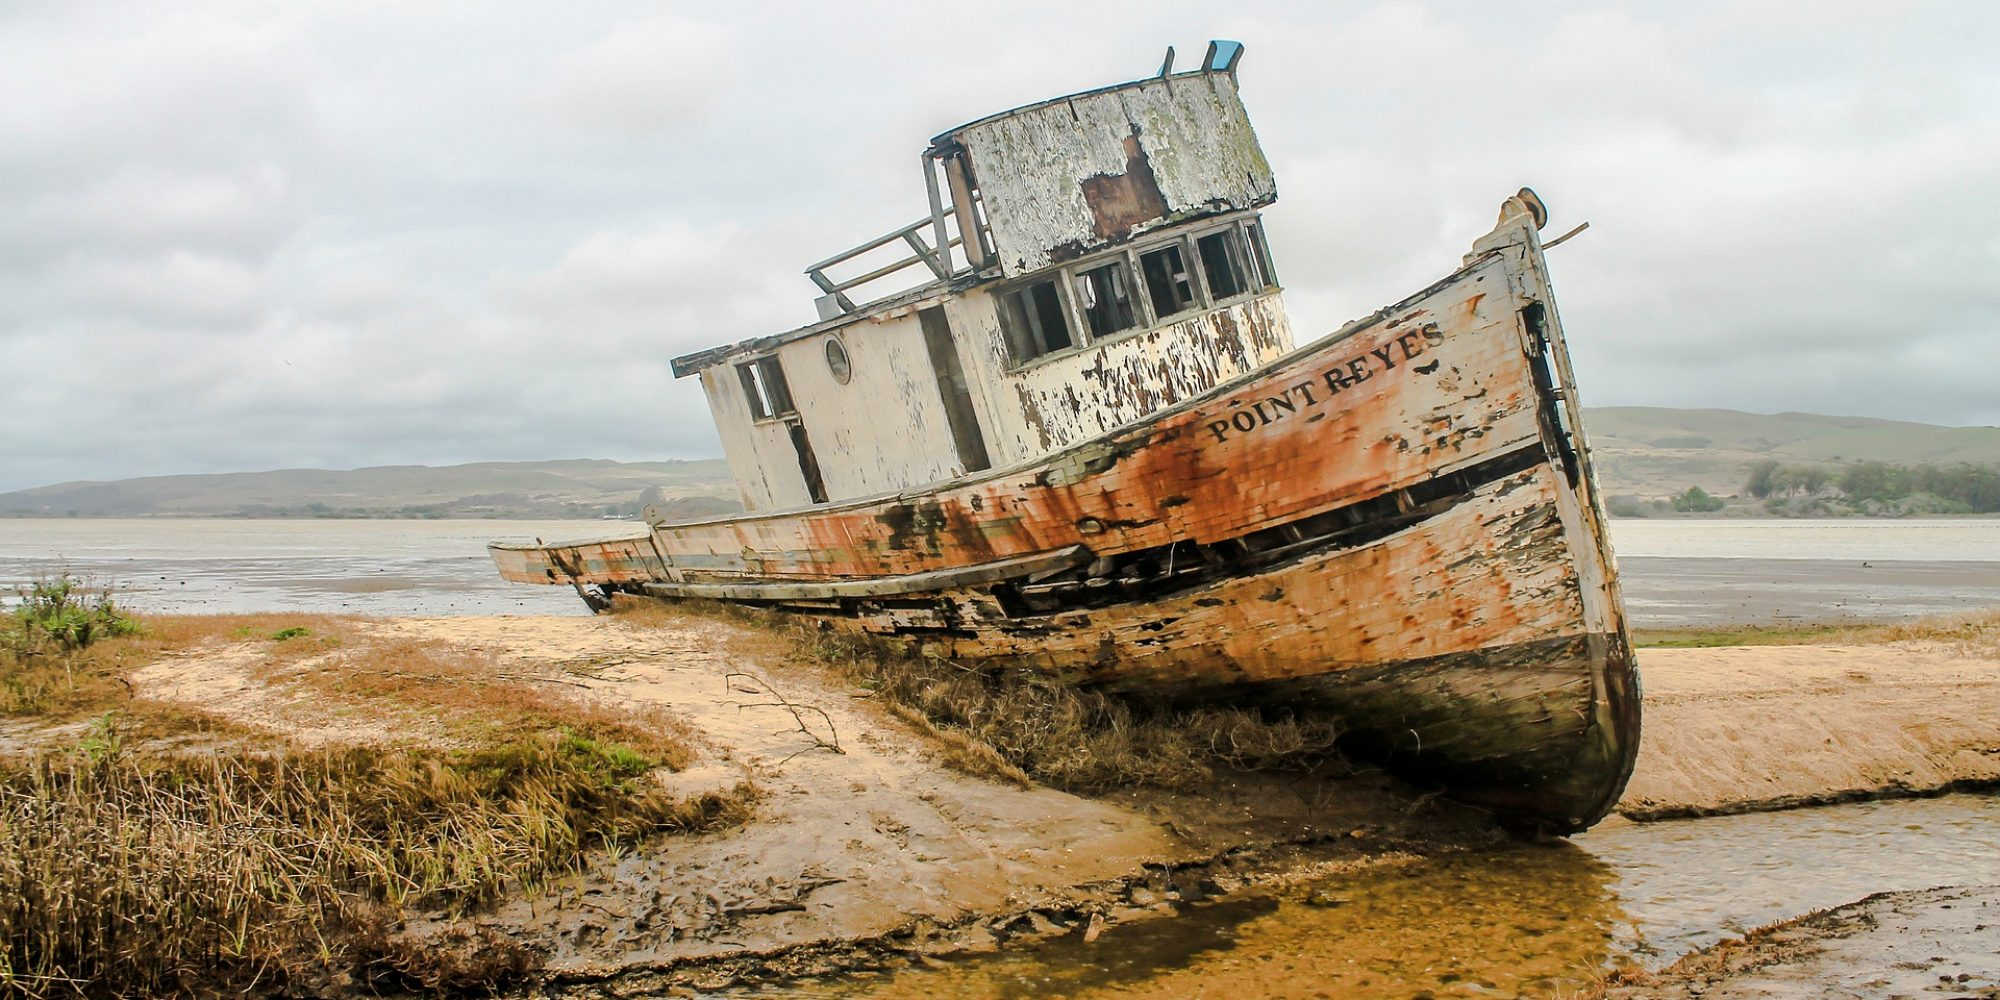 shipwreck-2096945_1920